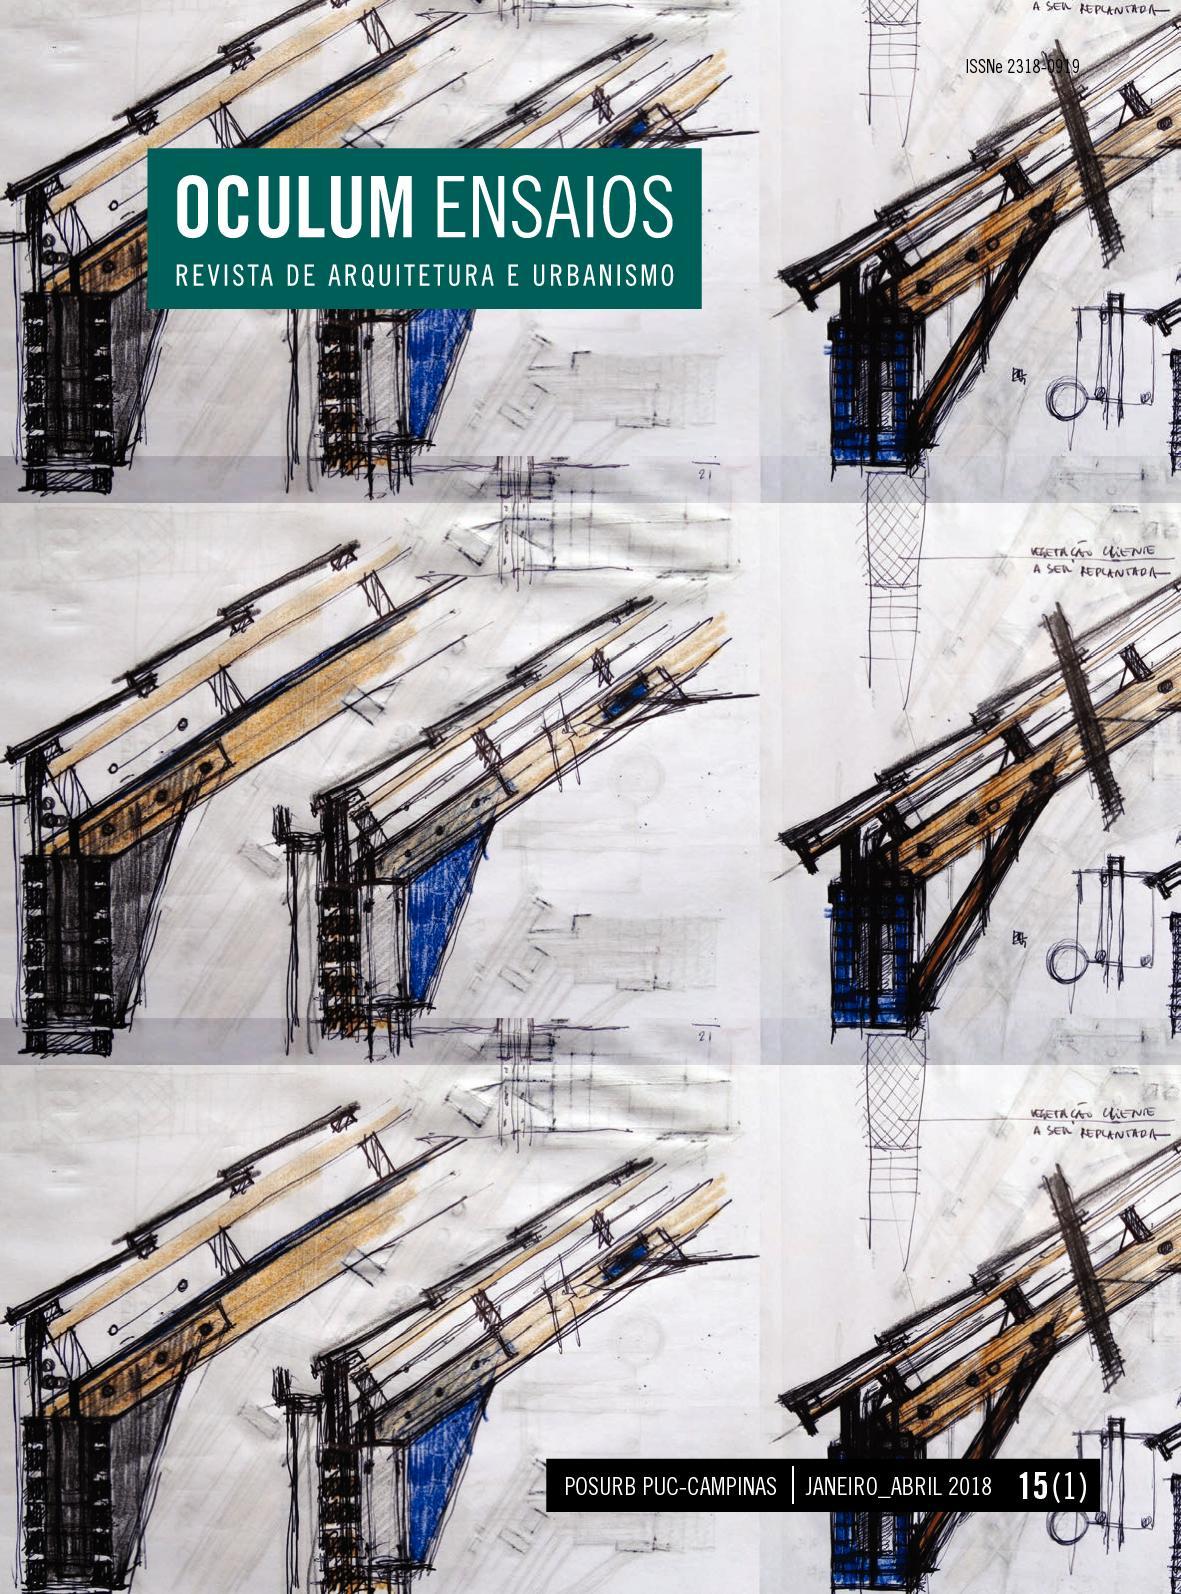 125857ecf36cd Calaméo - OCULUM ENSAIOS - Revista do Programa de Pós-Graduação em Urbanismo